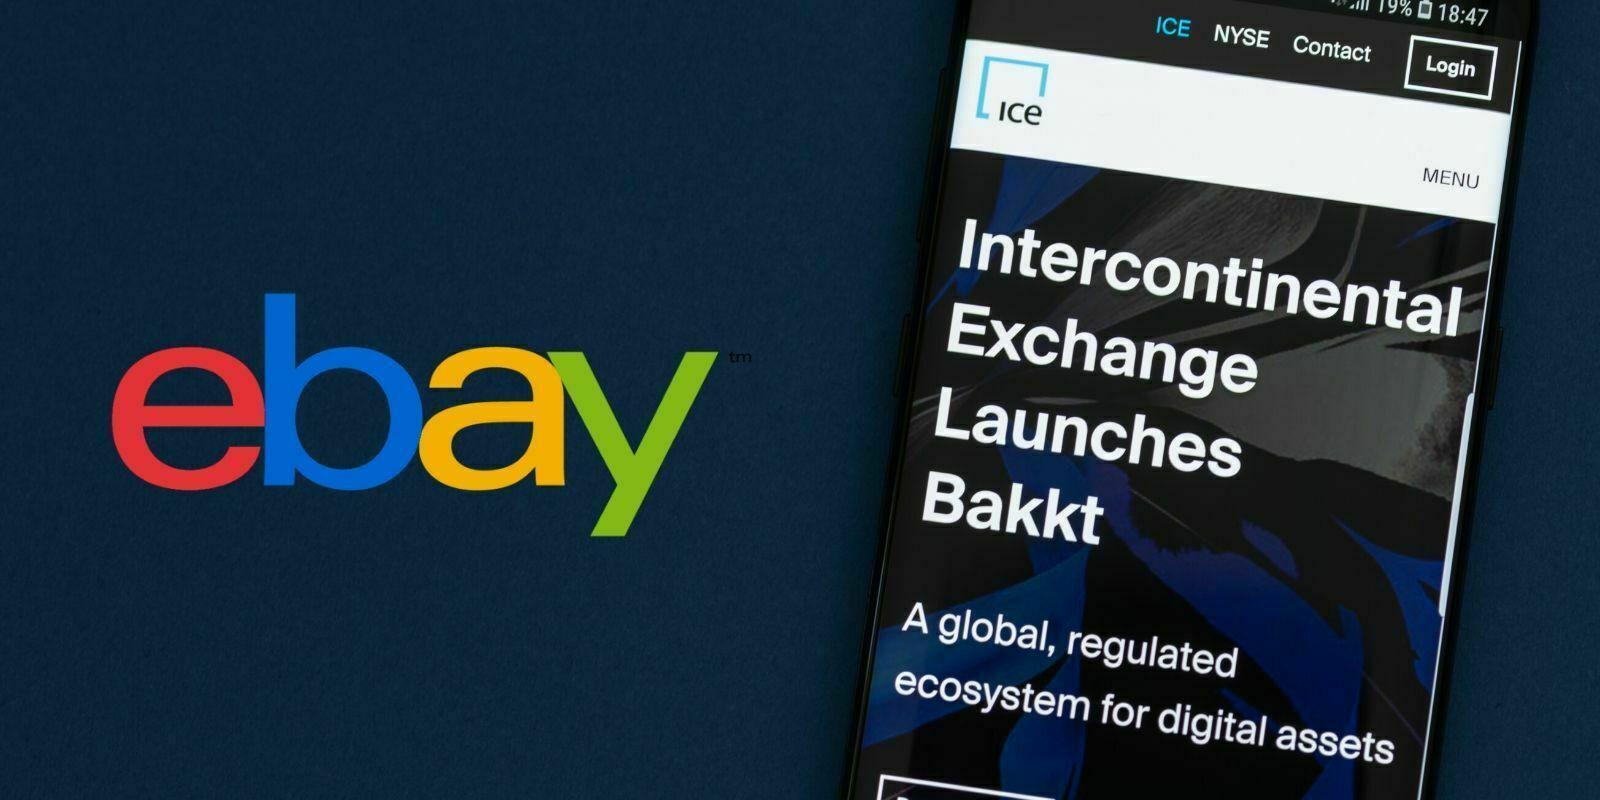 L'Intercontinental Exchange, l'opérateur de Bakkt, futur acquéreur d'eBay ?